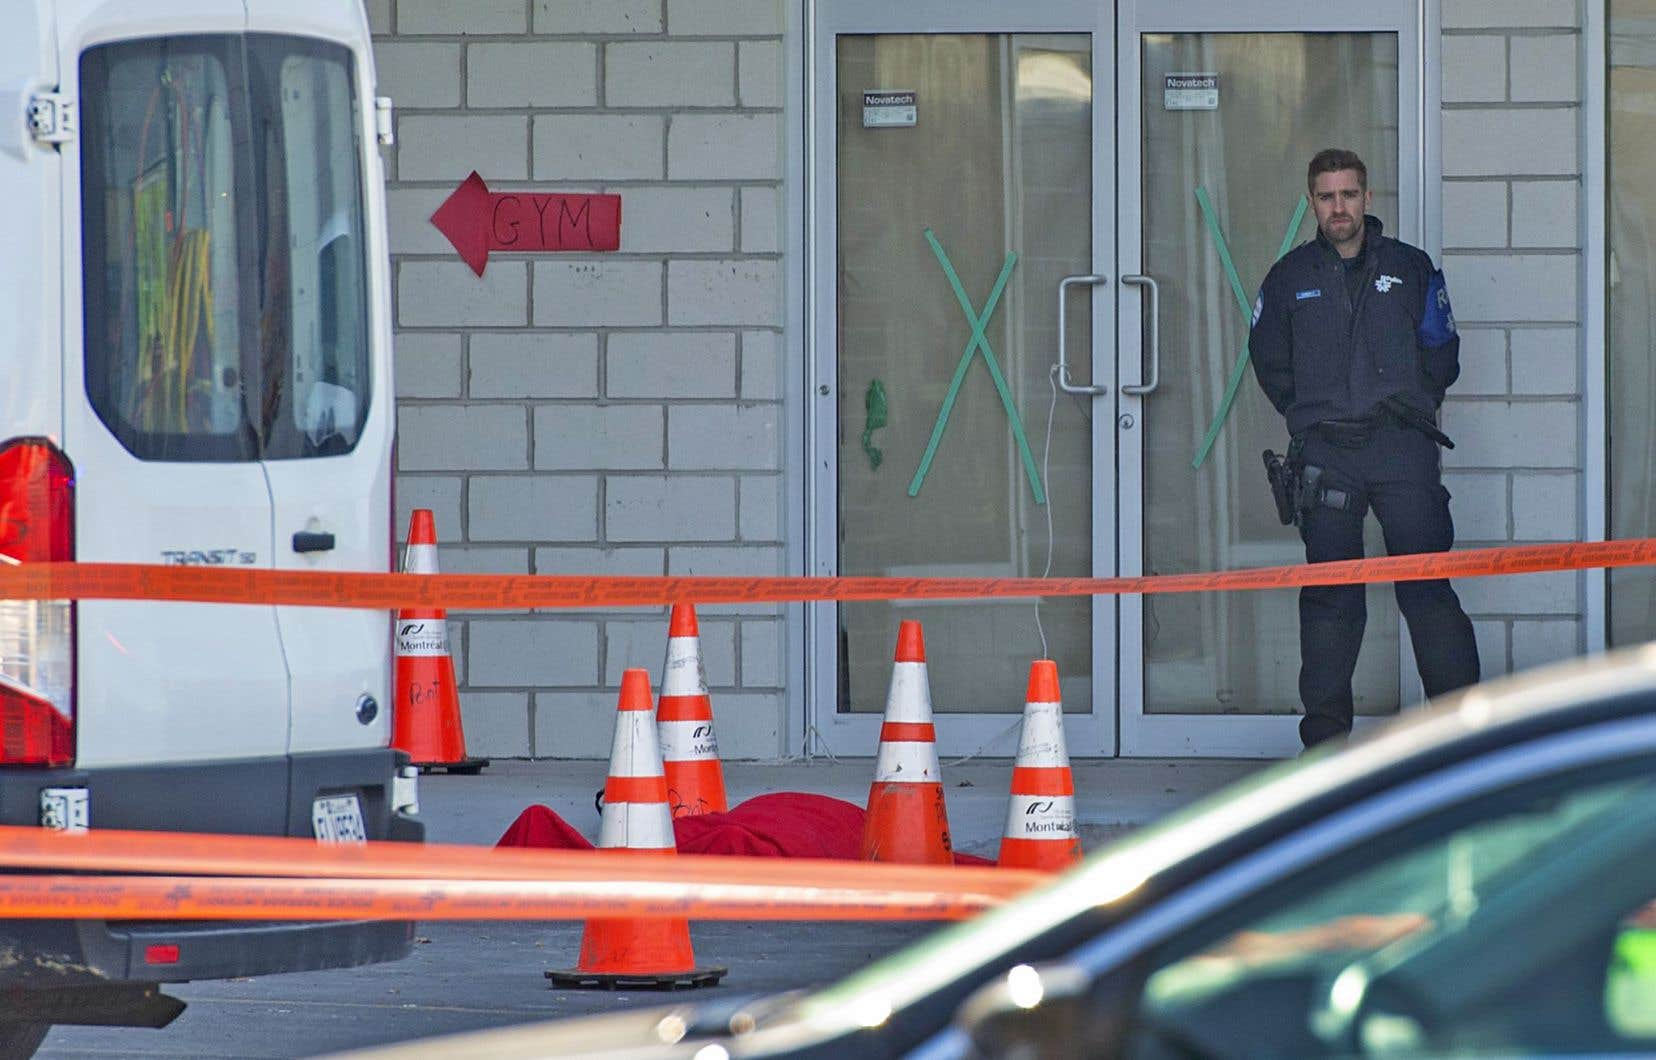 Le 21 octobre dernier, Andrea Scoppa a été tué dans le stationnement d'un centre commercial de l'arrondissement Pierrefonds-Roxboro.